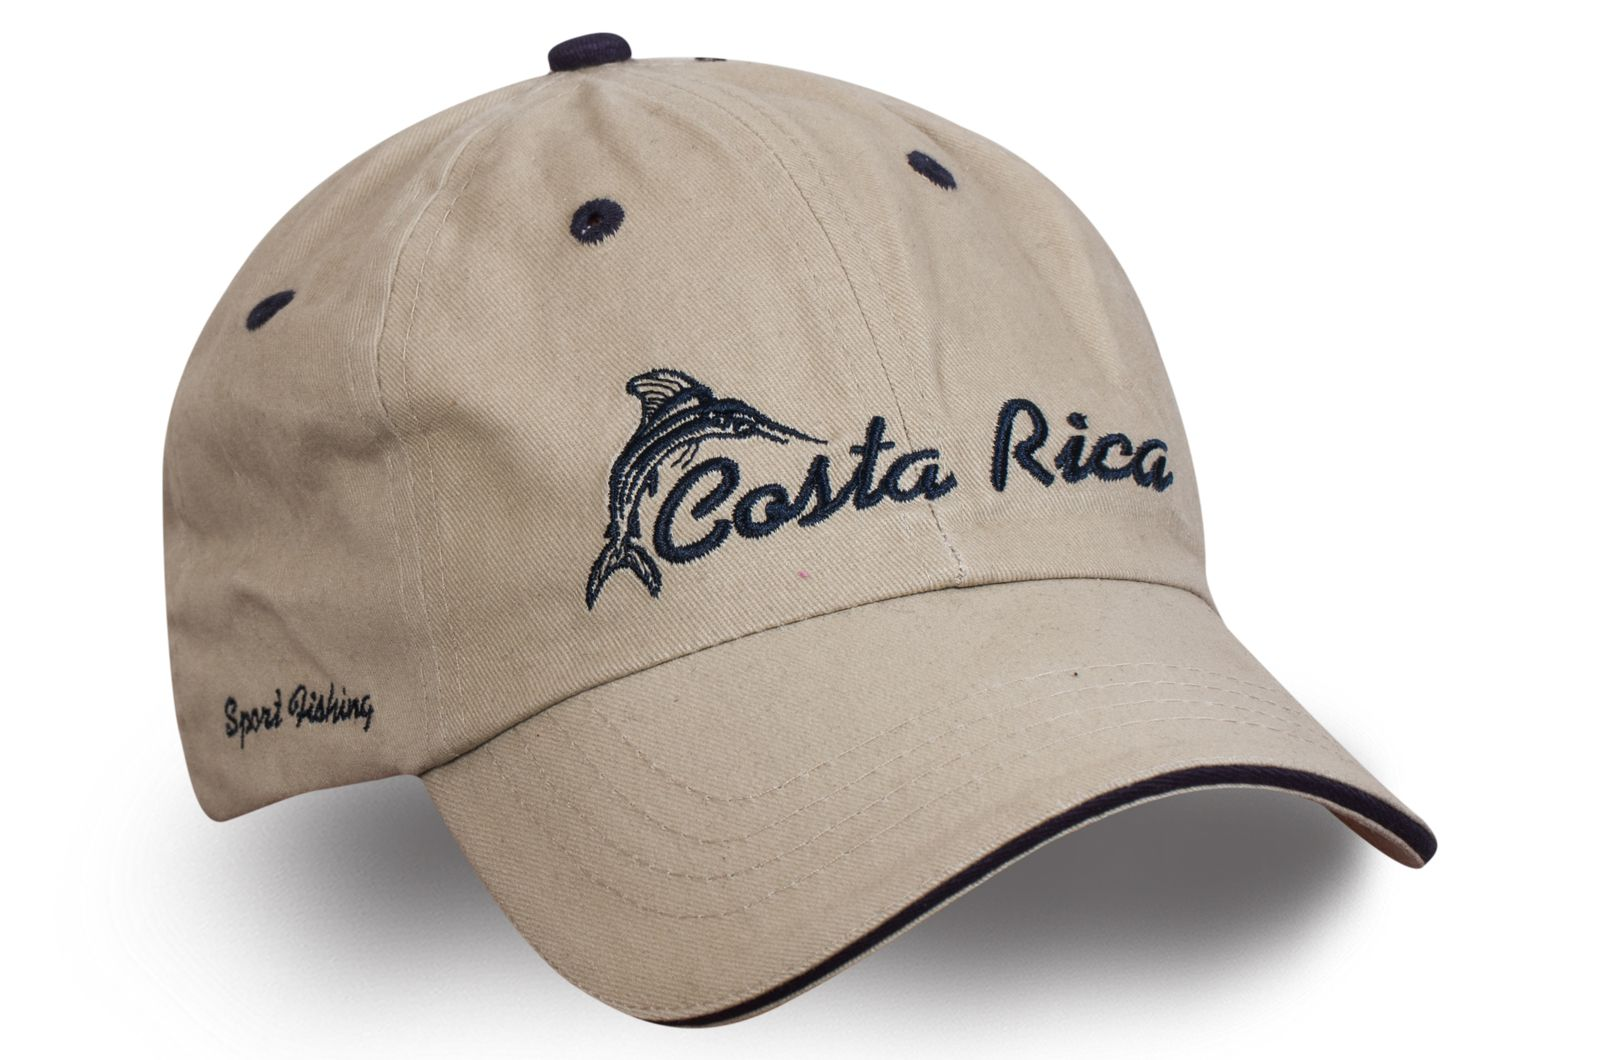 Бейсболка для спортивной рыбалки - купить с доставкой